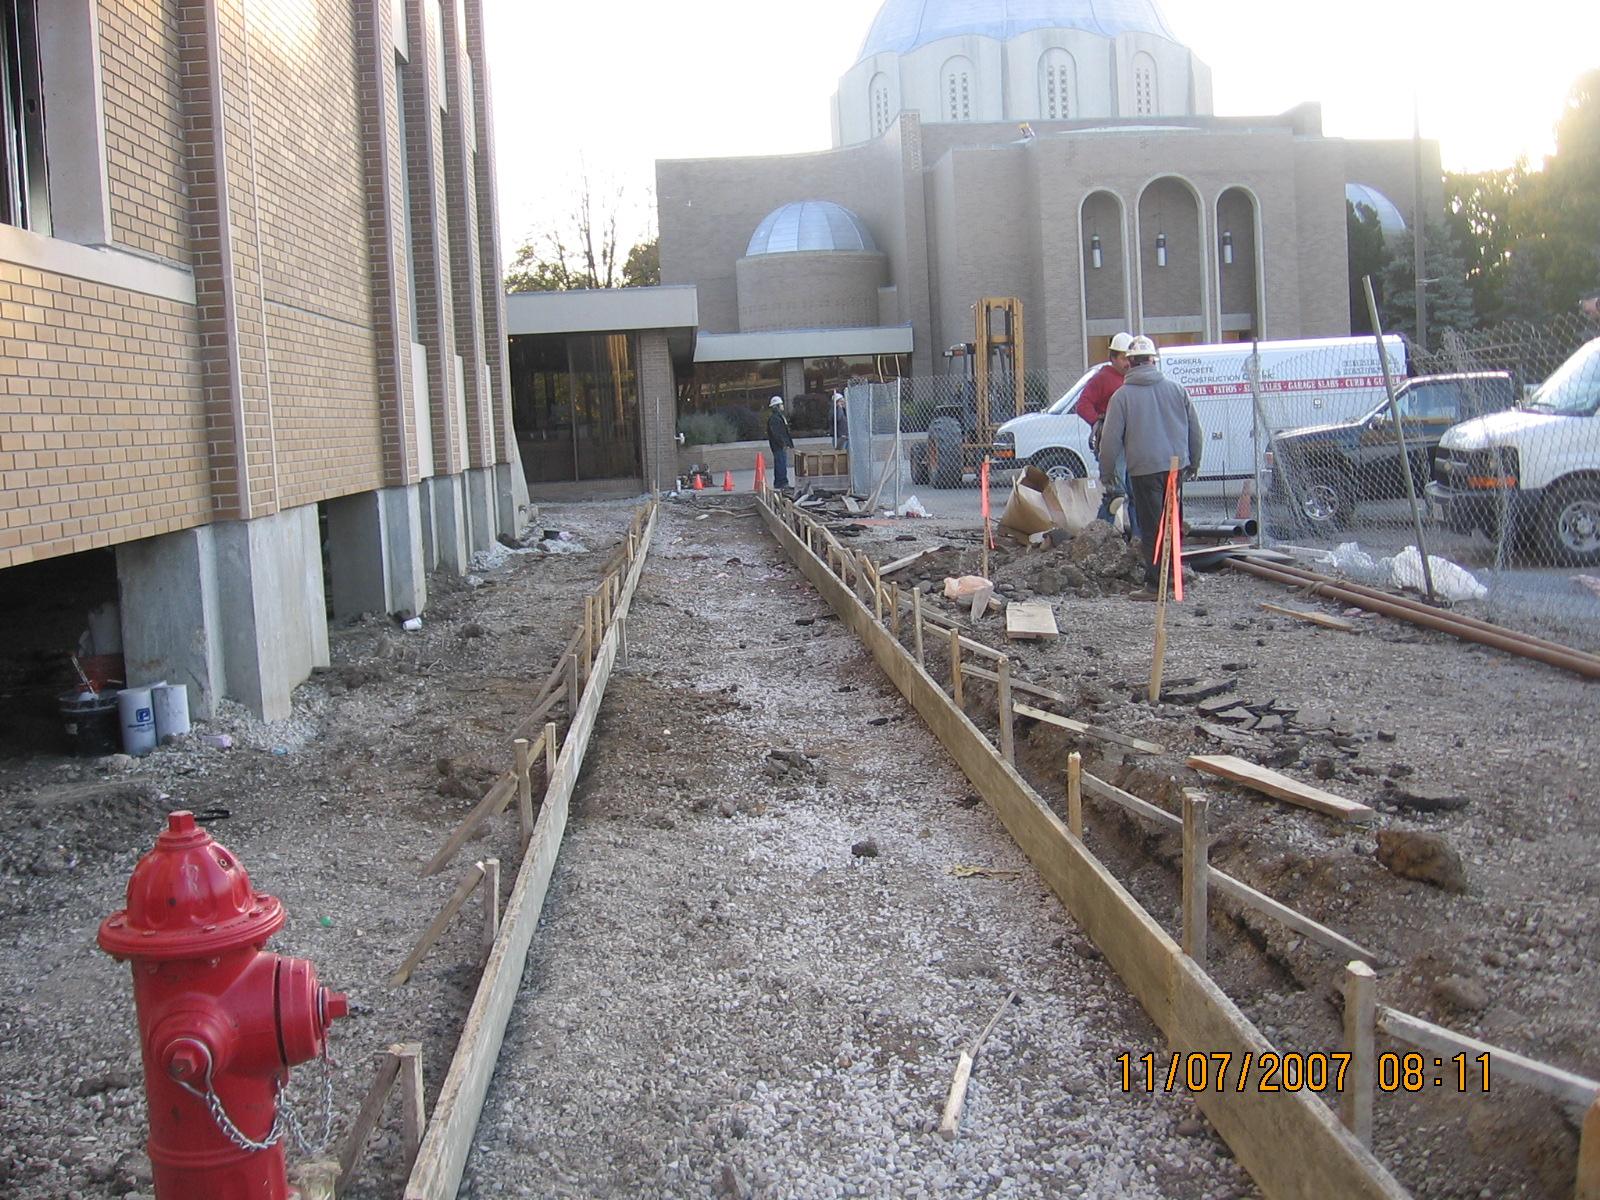 2007, November 11